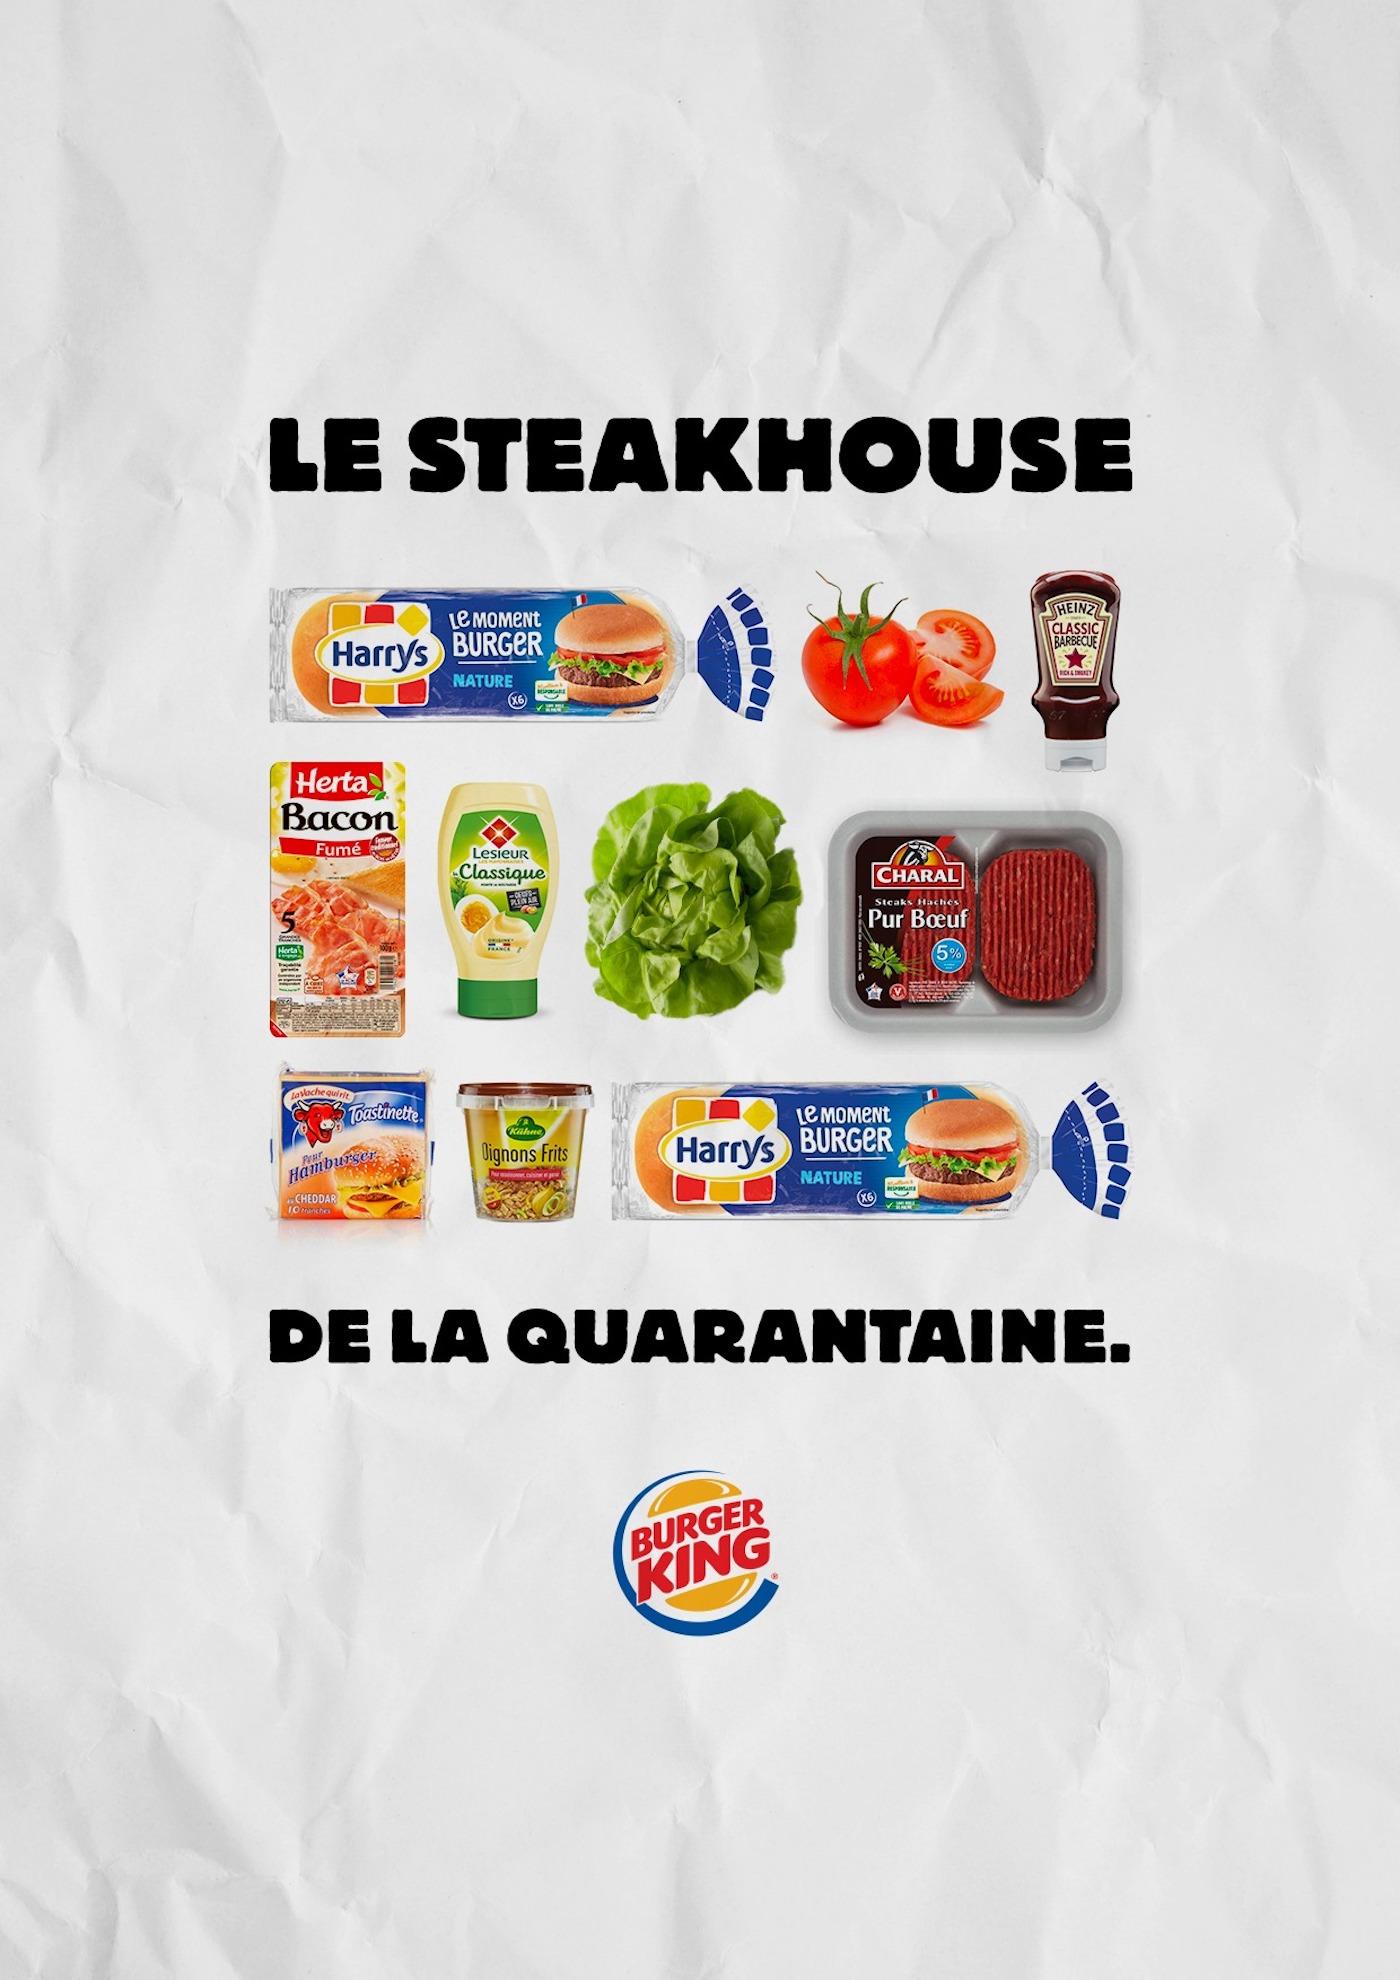 Burger King publica las recetas de sus hamburguesas para replicarlas durante la cuarentena 2